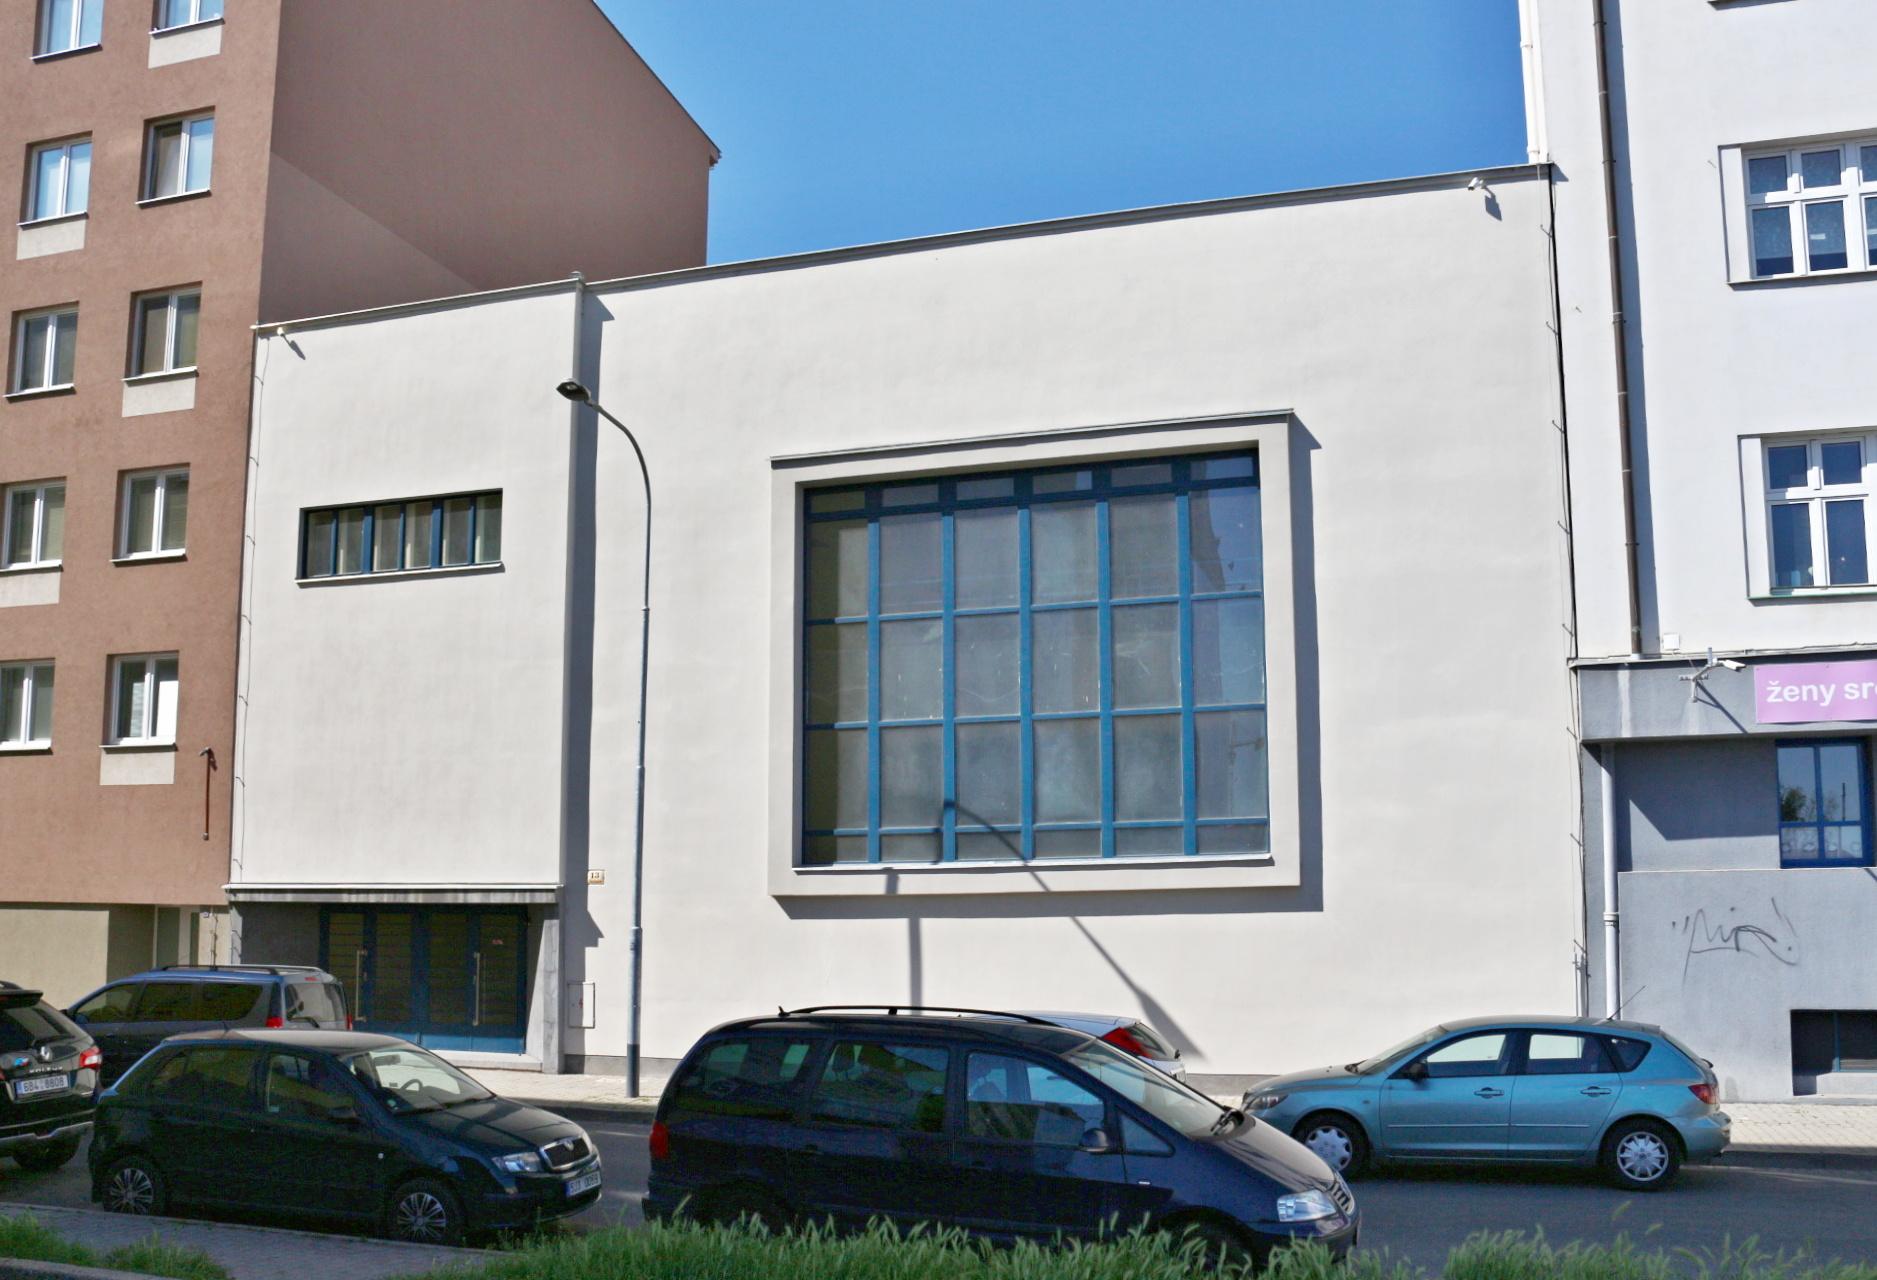 Agudas Achim Synagogue in Brno